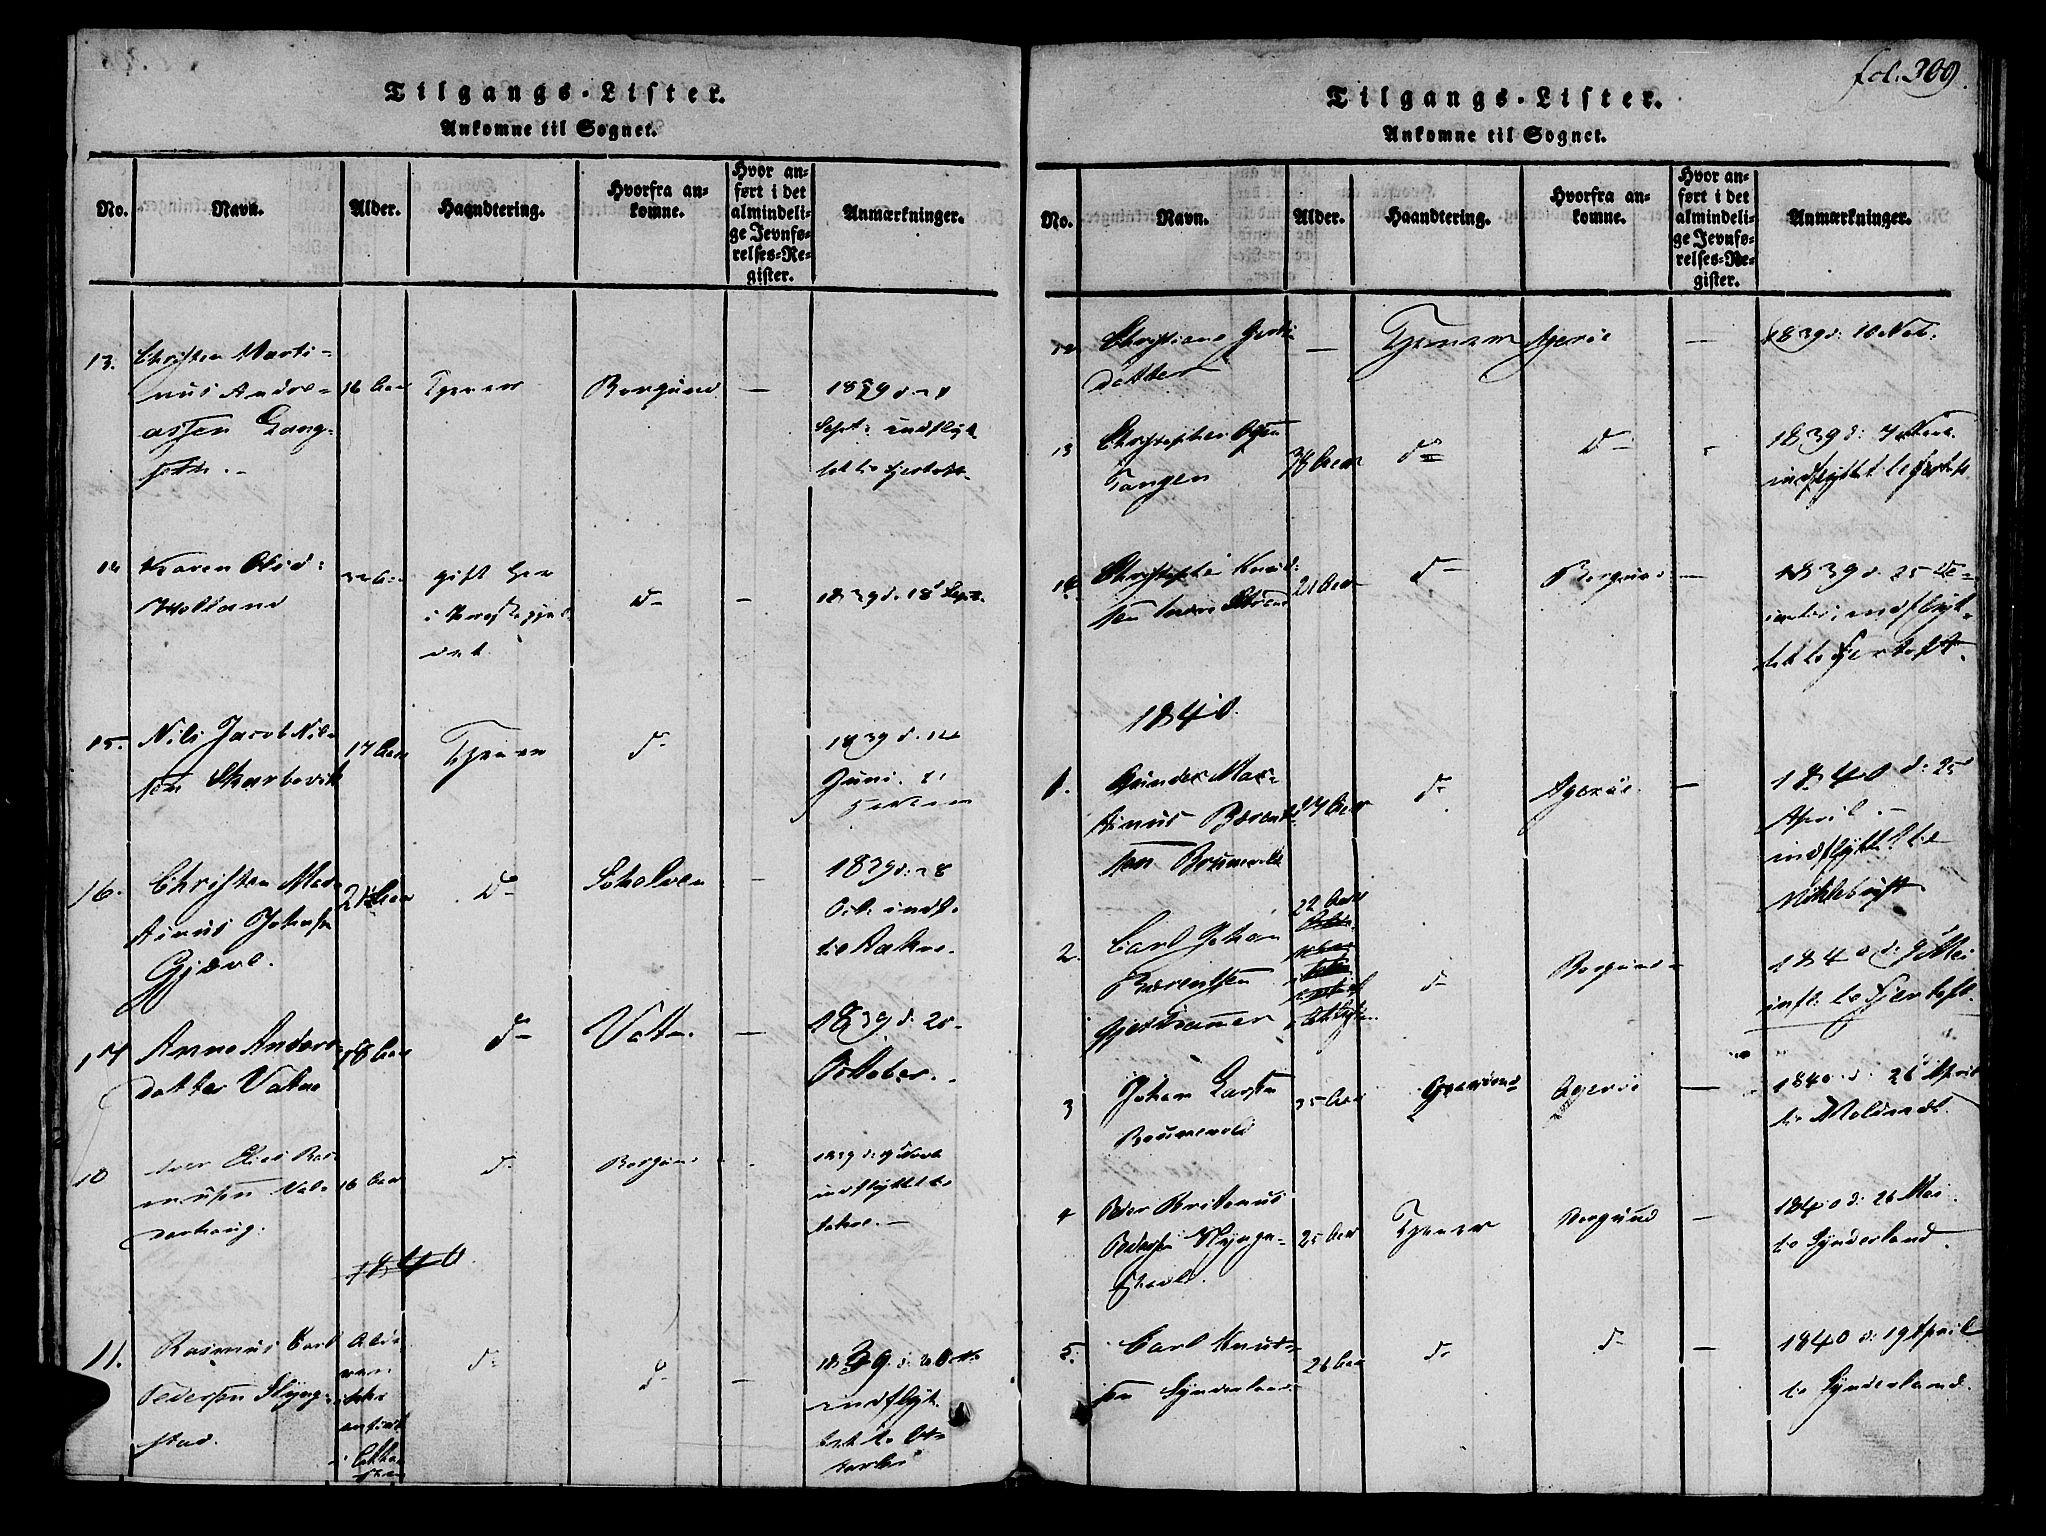 SAT, Ministerialprotokoller, klokkerbøker og fødselsregistre - Møre og Romsdal, 536/L0495: Ministerialbok nr. 536A04, 1818-1847, s. 309